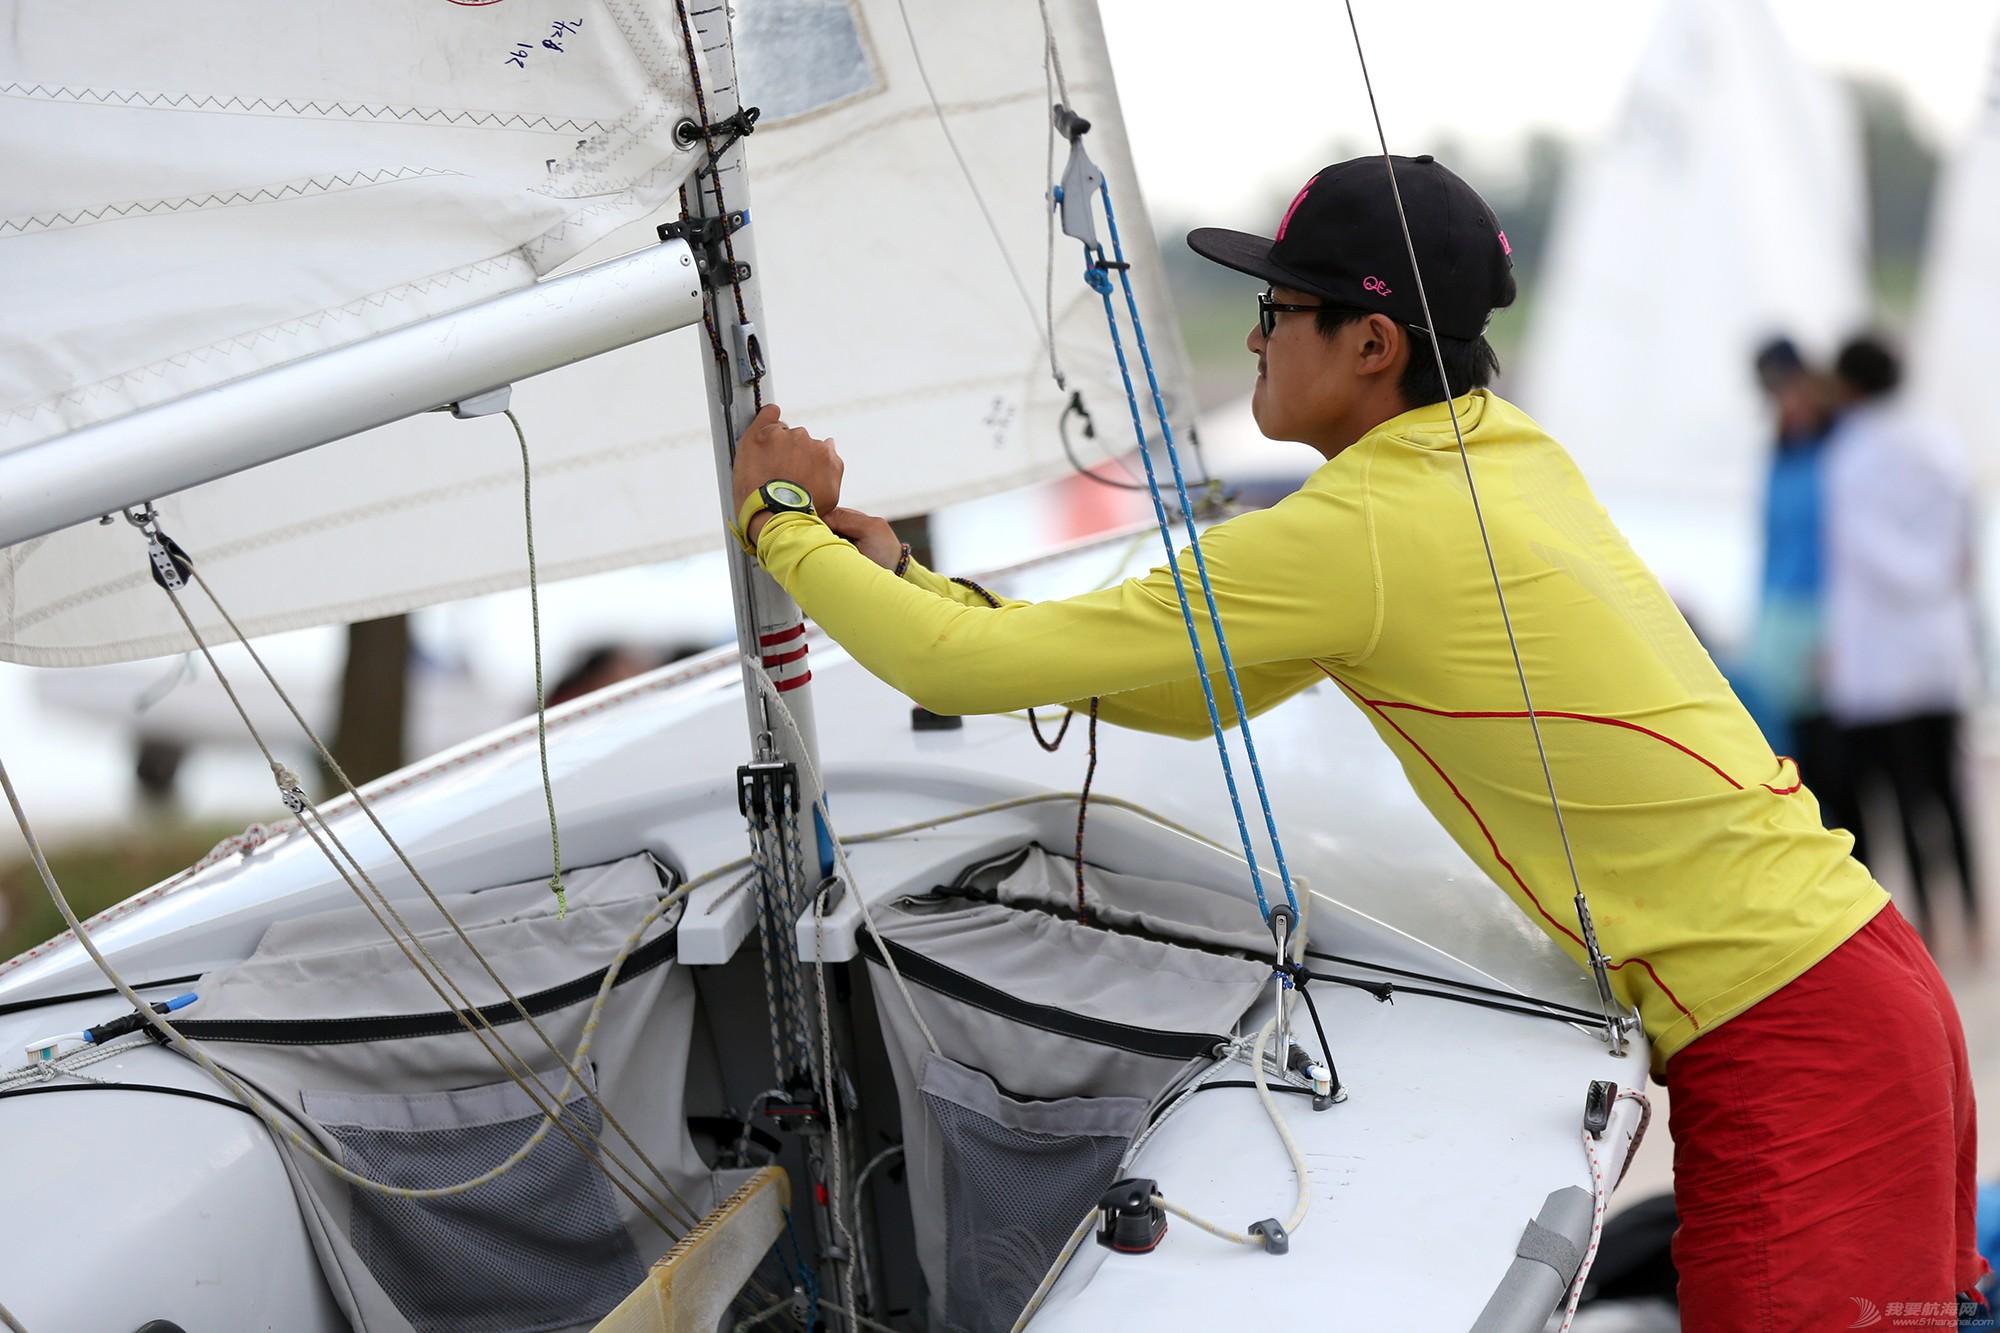 山东省,冠军赛,帆板,帆船 忙碌的赛前准备——山东省帆船帆板冠军赛花絮 5V8A9417.JPG